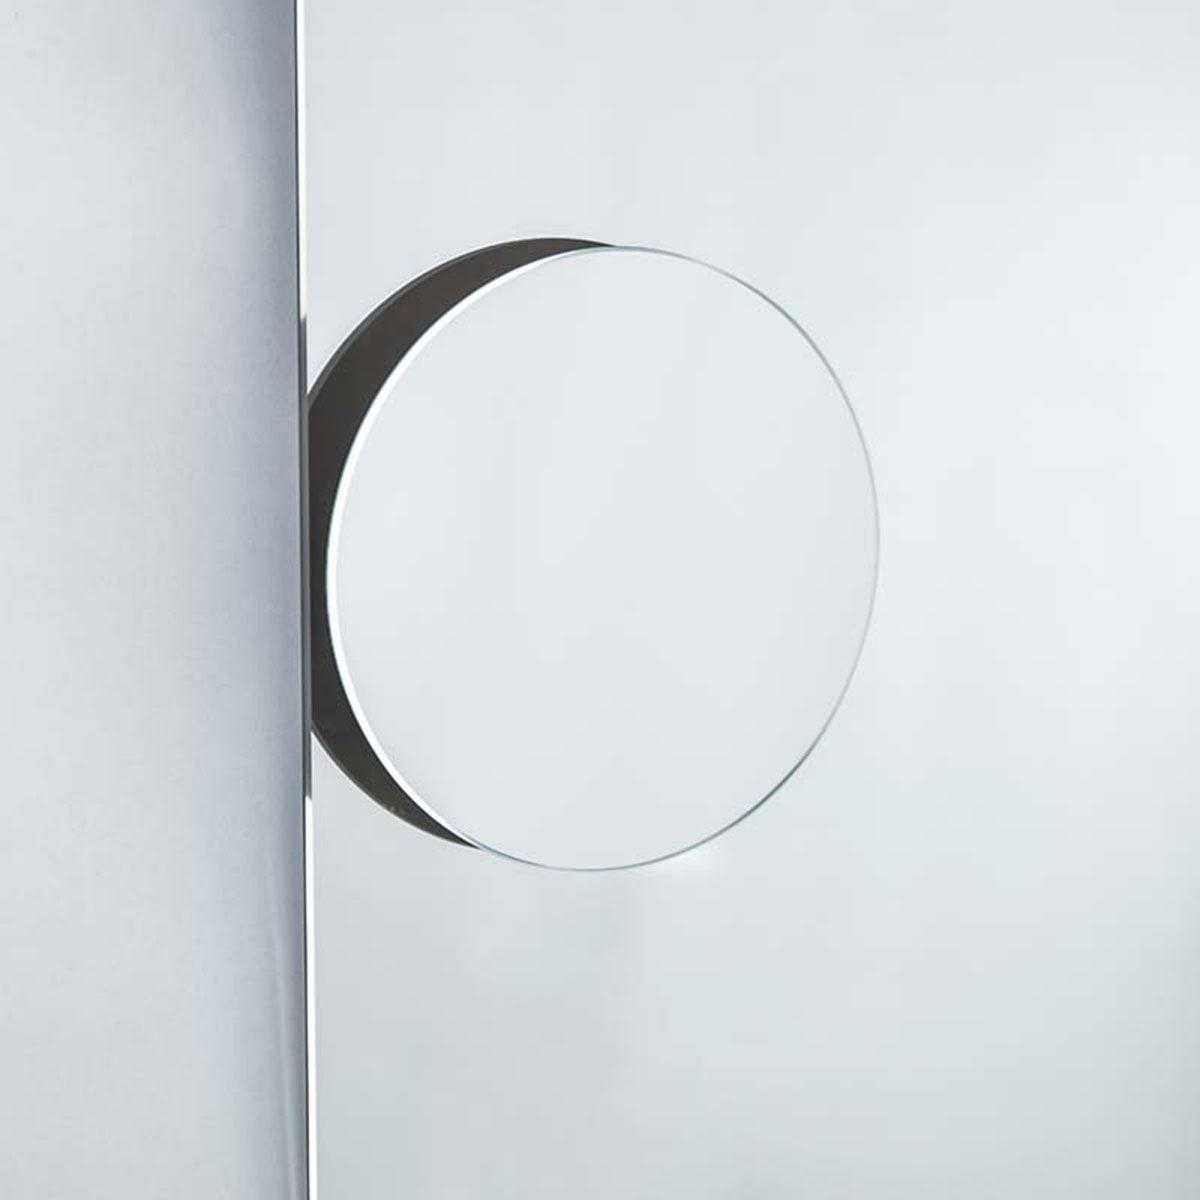 Specchio ingranditore da bagno a calamita ingrandimento 2x bottiglioni - Specchio ingranditore bagno ...